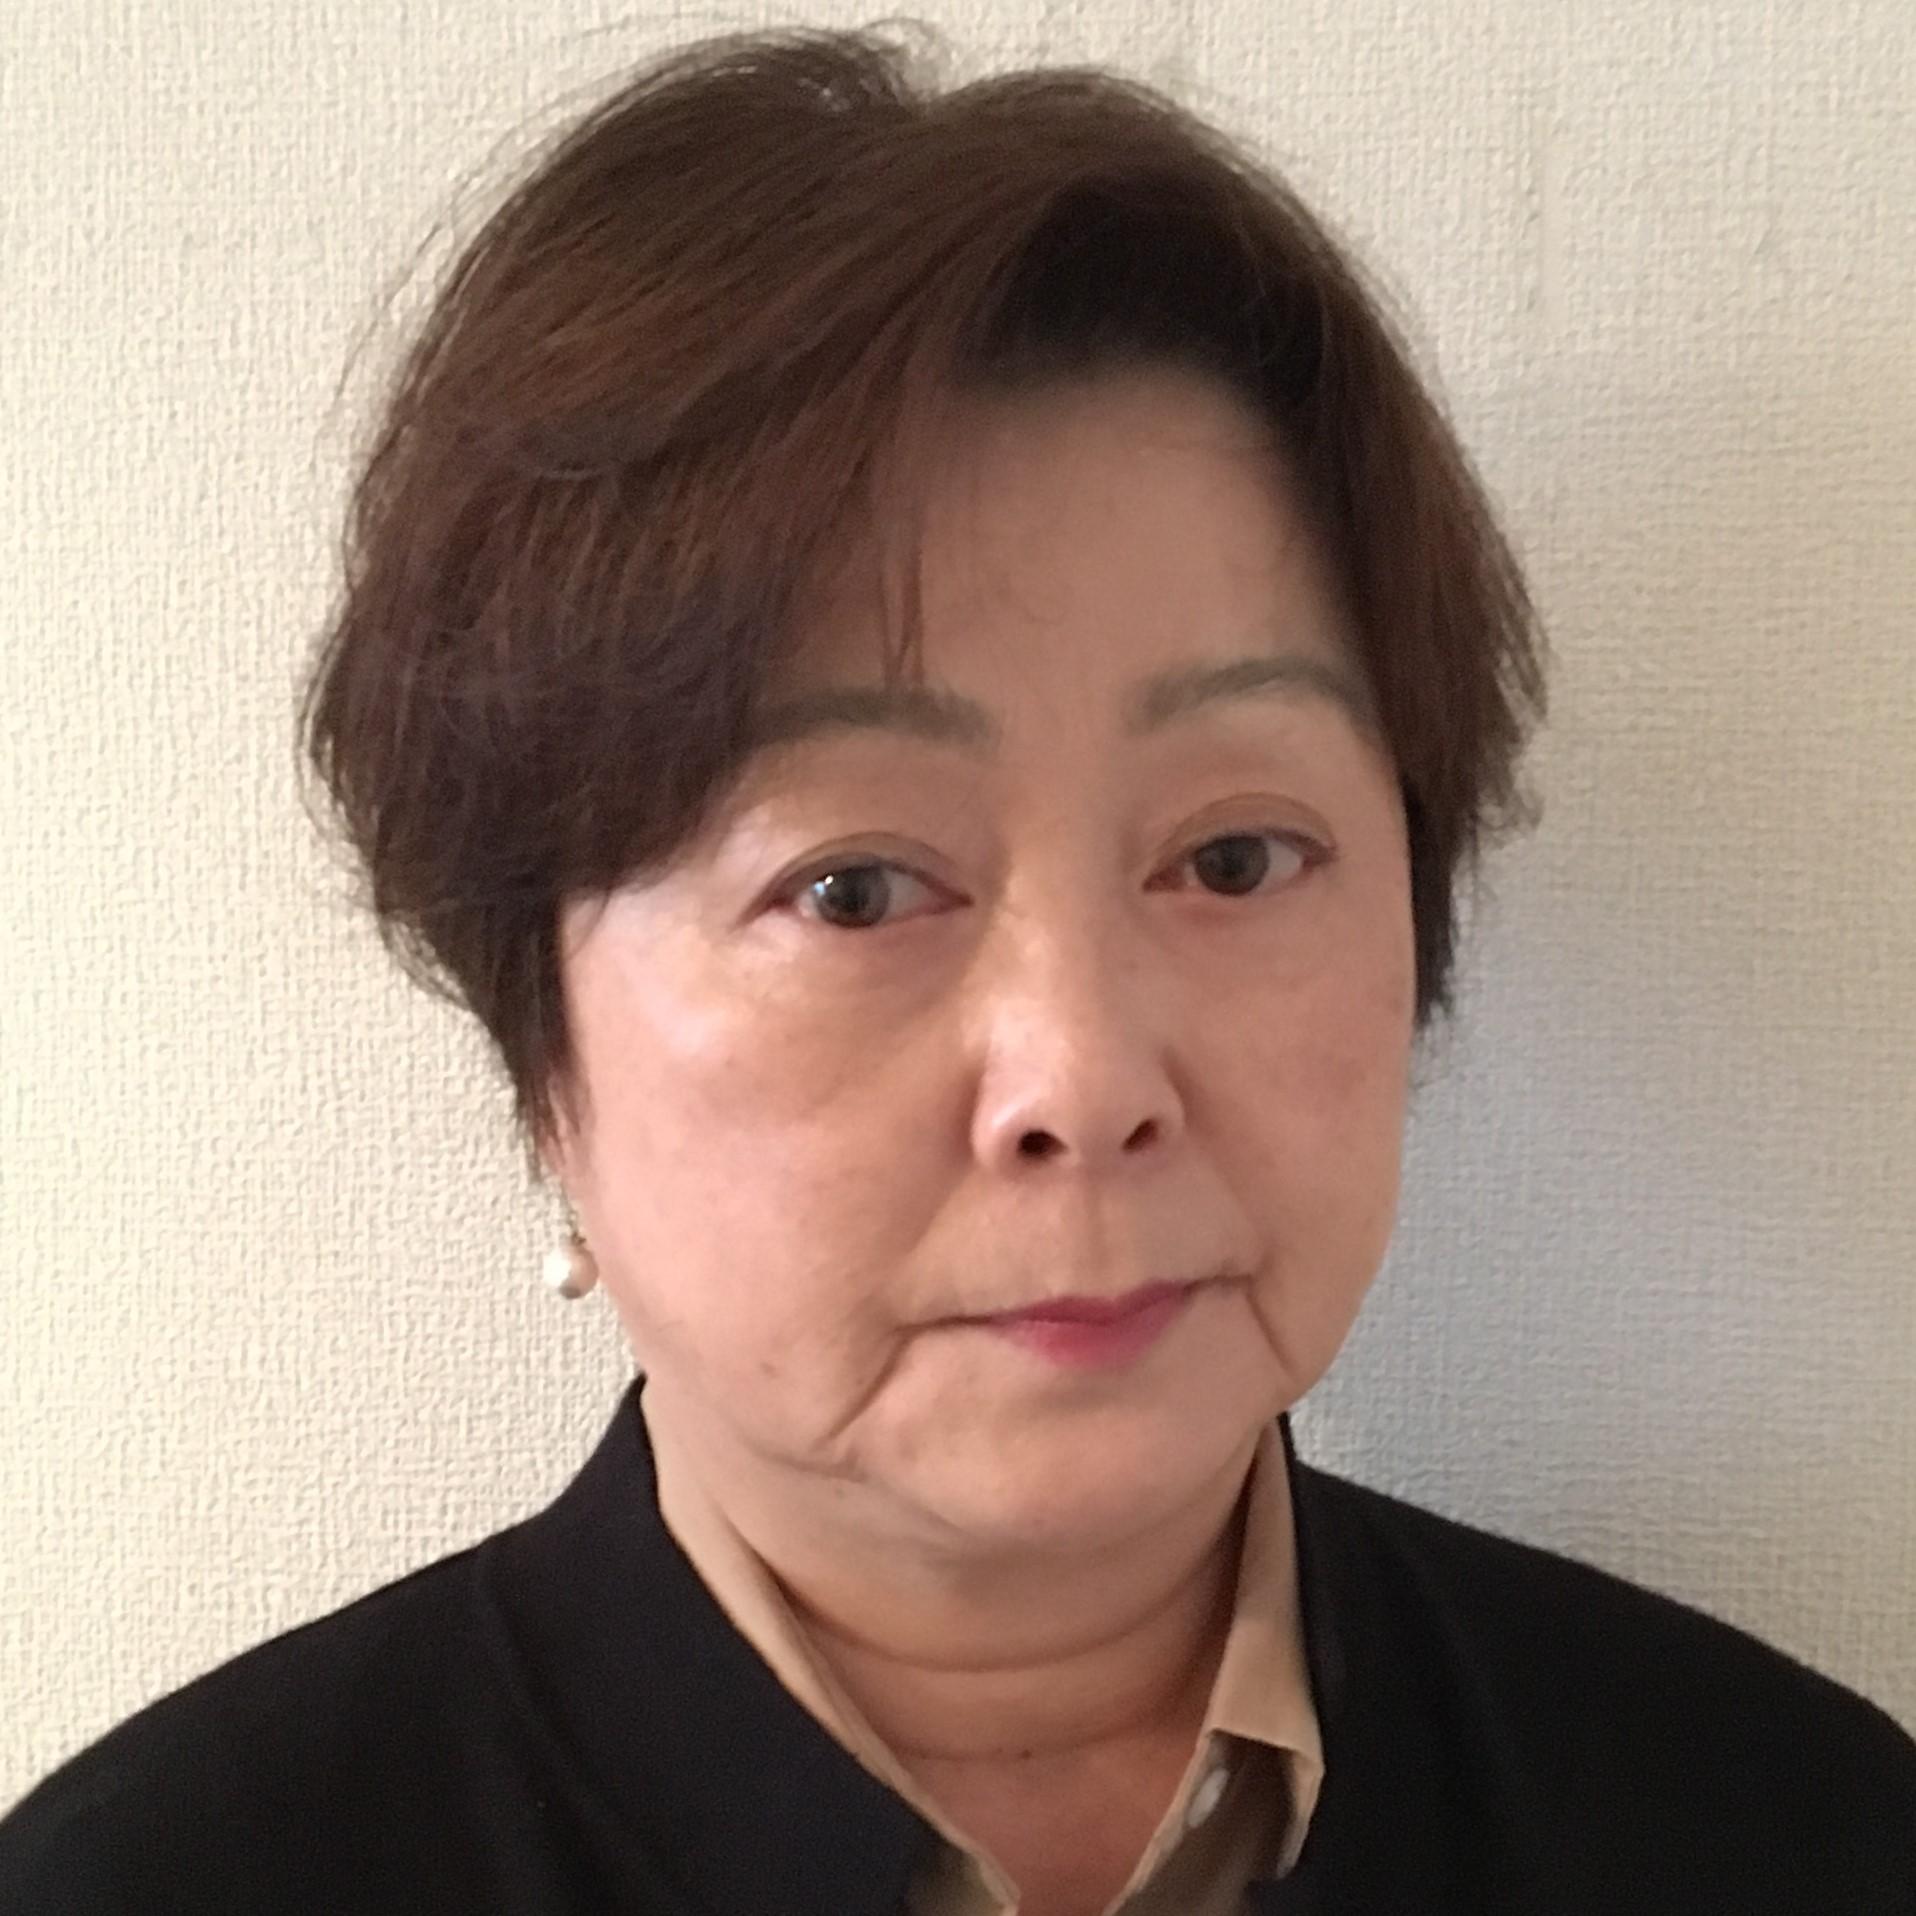 竹内 由紀子